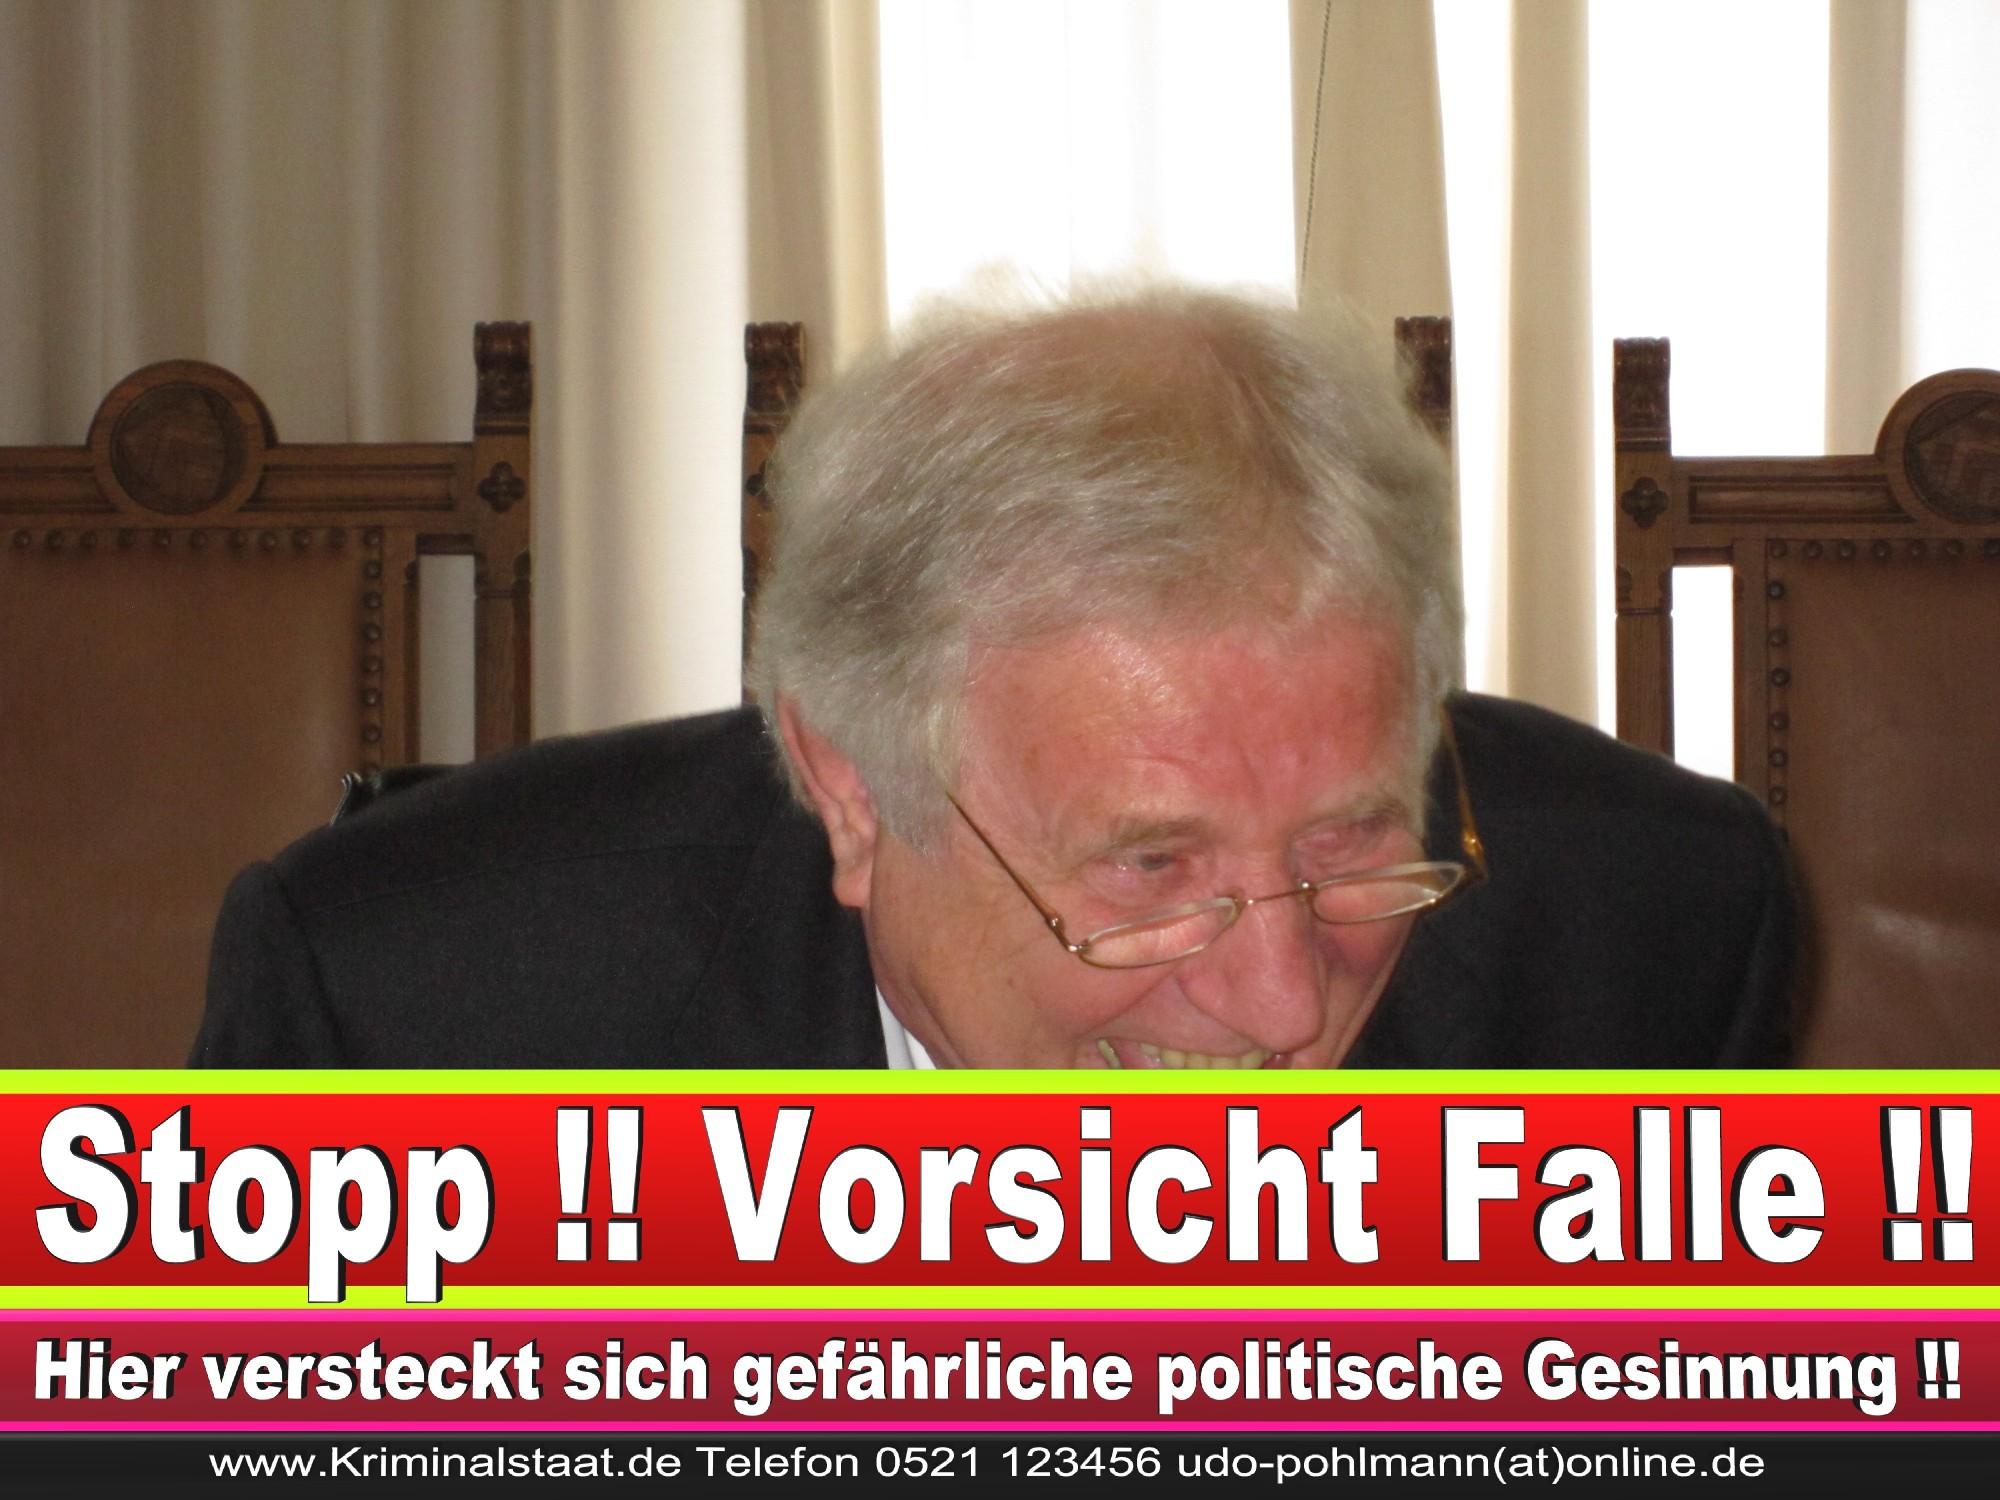 Polizeipräsident Erwin Südfeld Bielefeld Oberbürgermeister Bürgermeister Peter Clausen Pit Clausen Bielefeld (4)